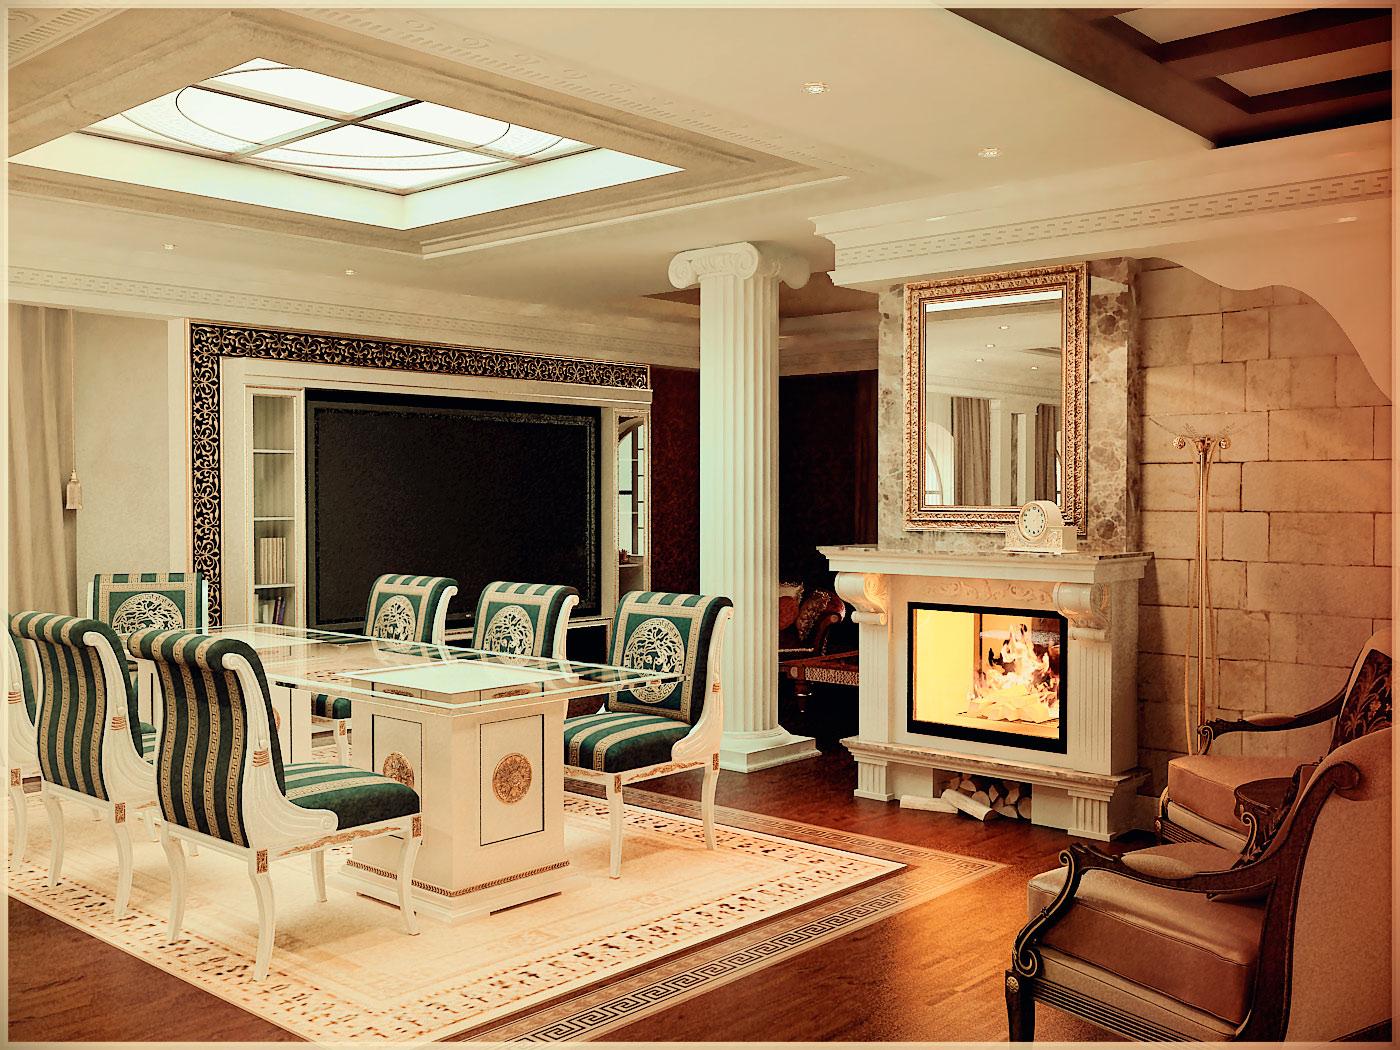 Яркий дизайн интерьера помещения в стиле ренессанс